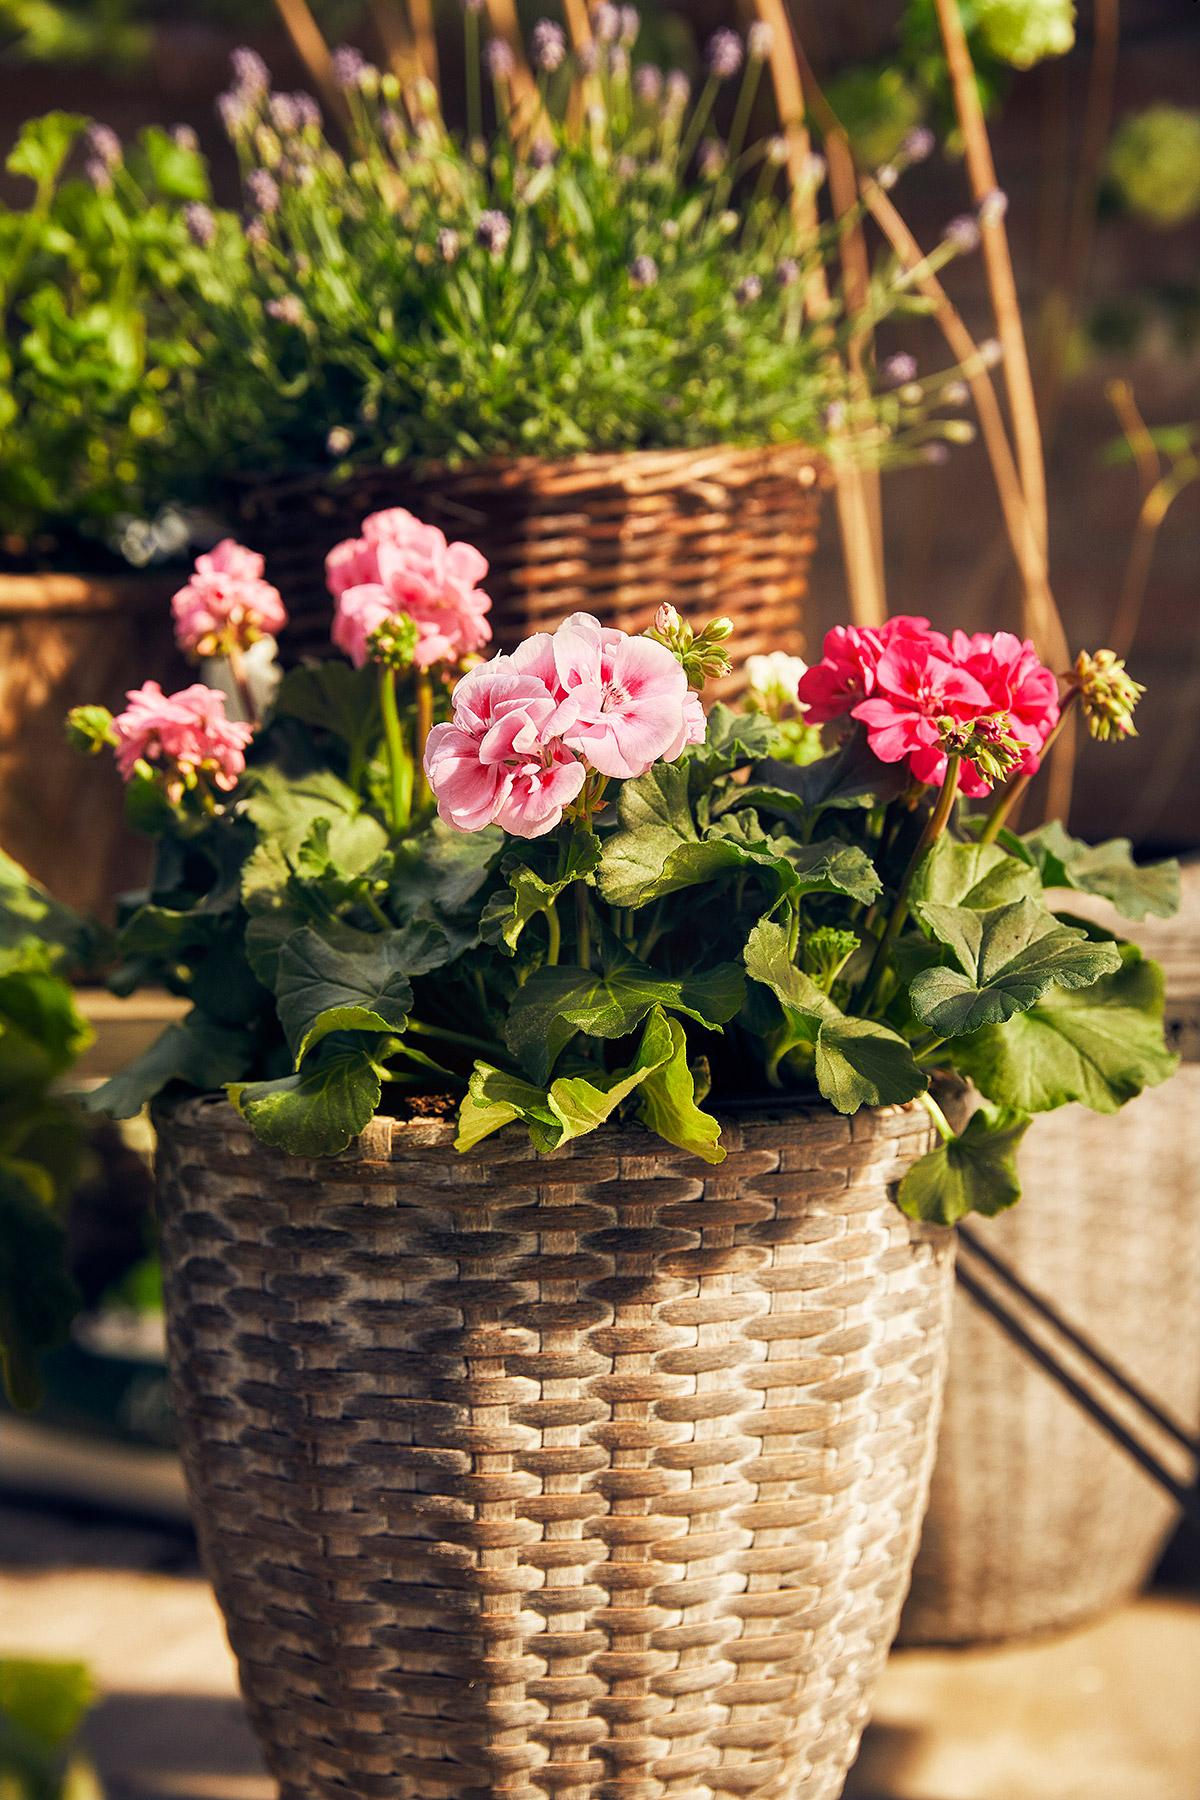 Blomsterlandet_Gerilla_10011_MINT.jpg